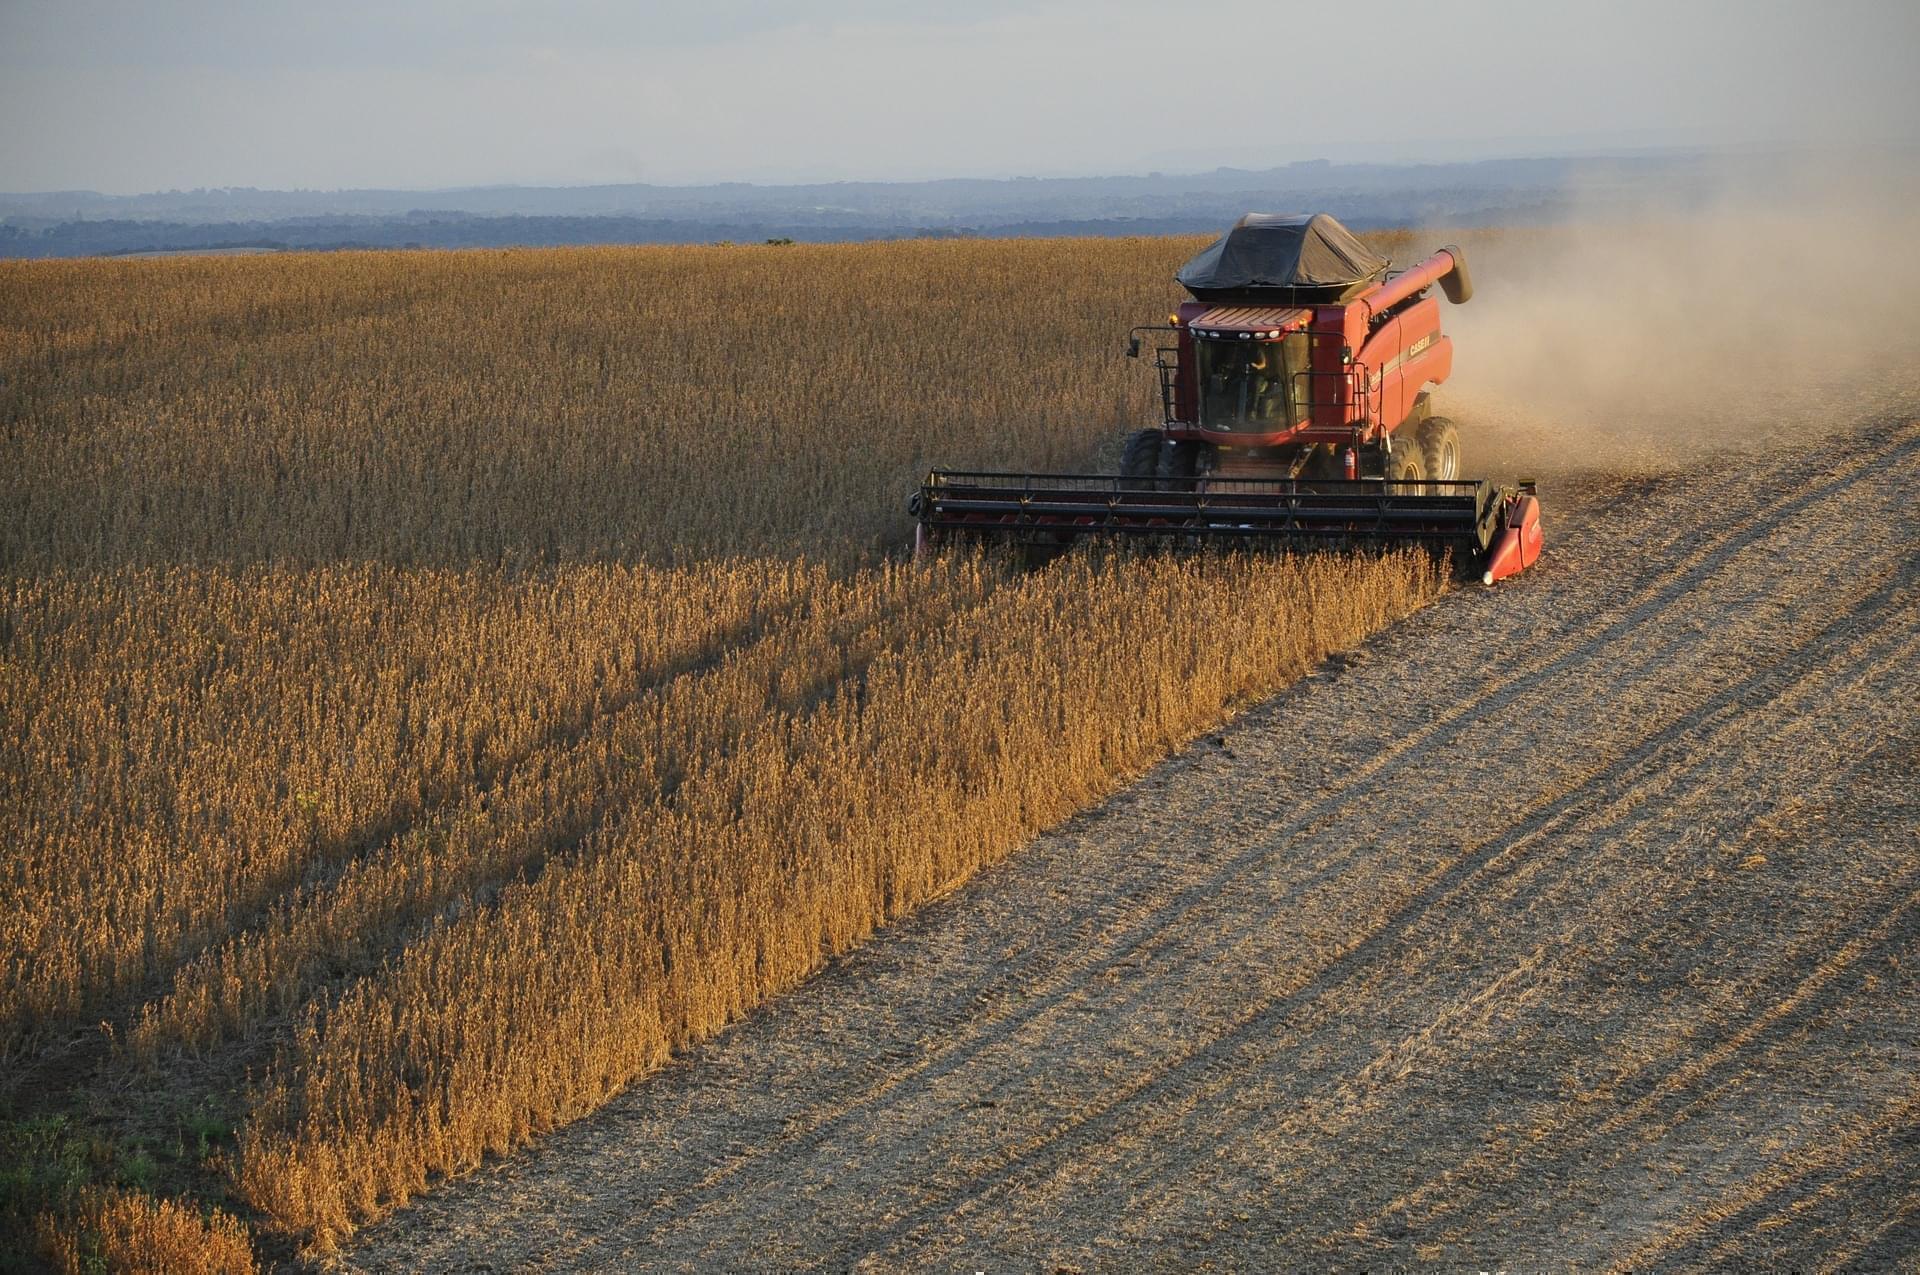 soybean farm